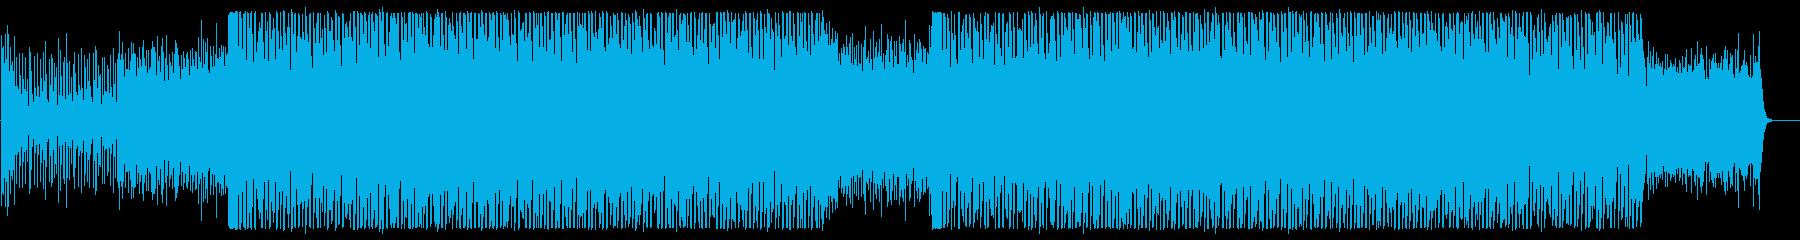 アナログシンセのテクノポップの再生済みの波形